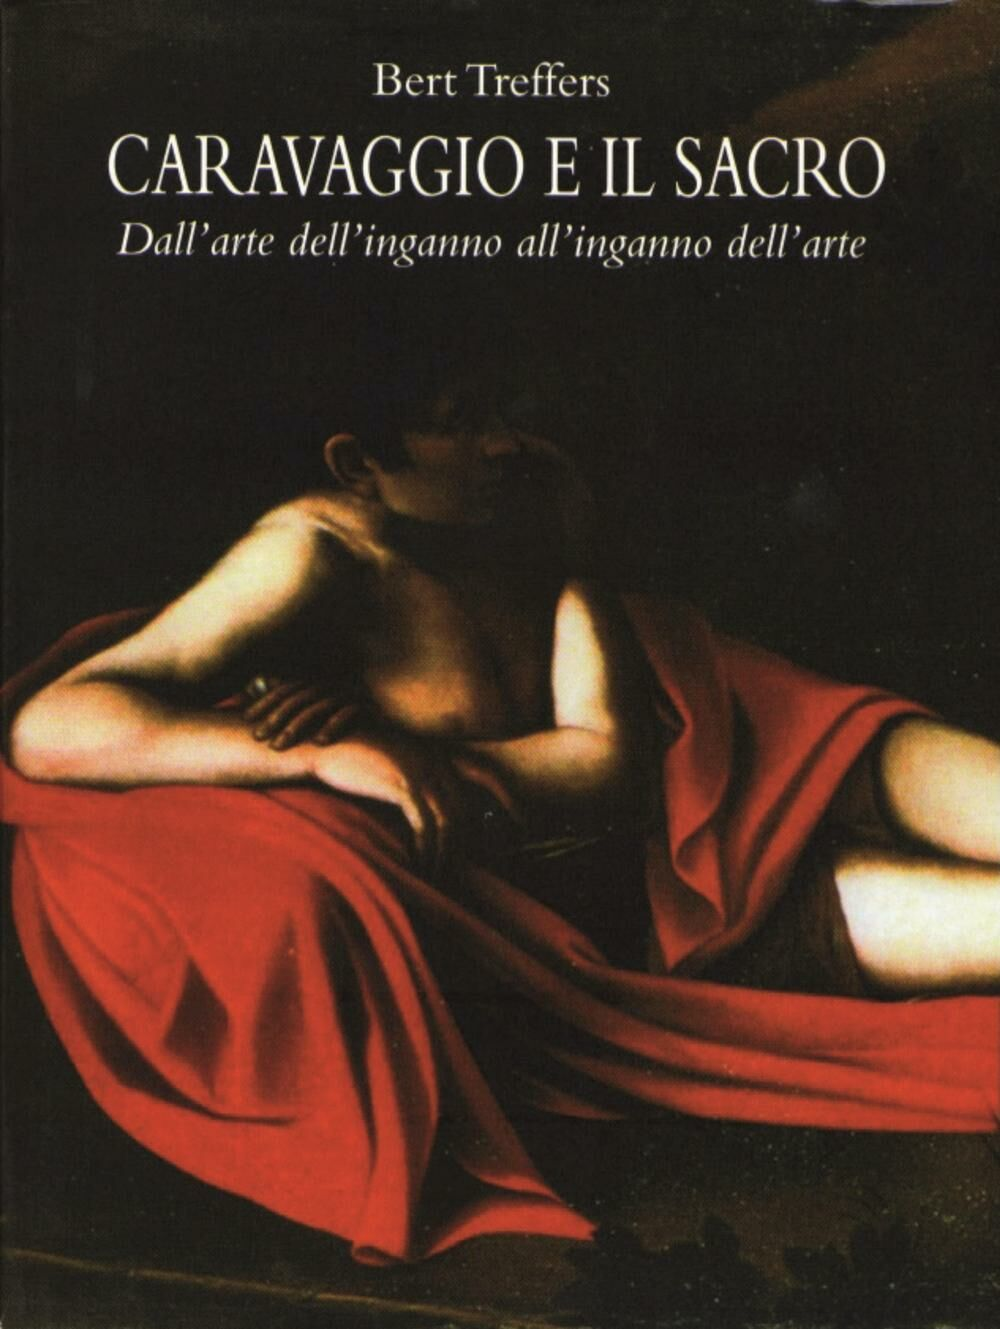 Caravaggio e il sacro. Dall'arte dell'inganno all'inganno dell'arte